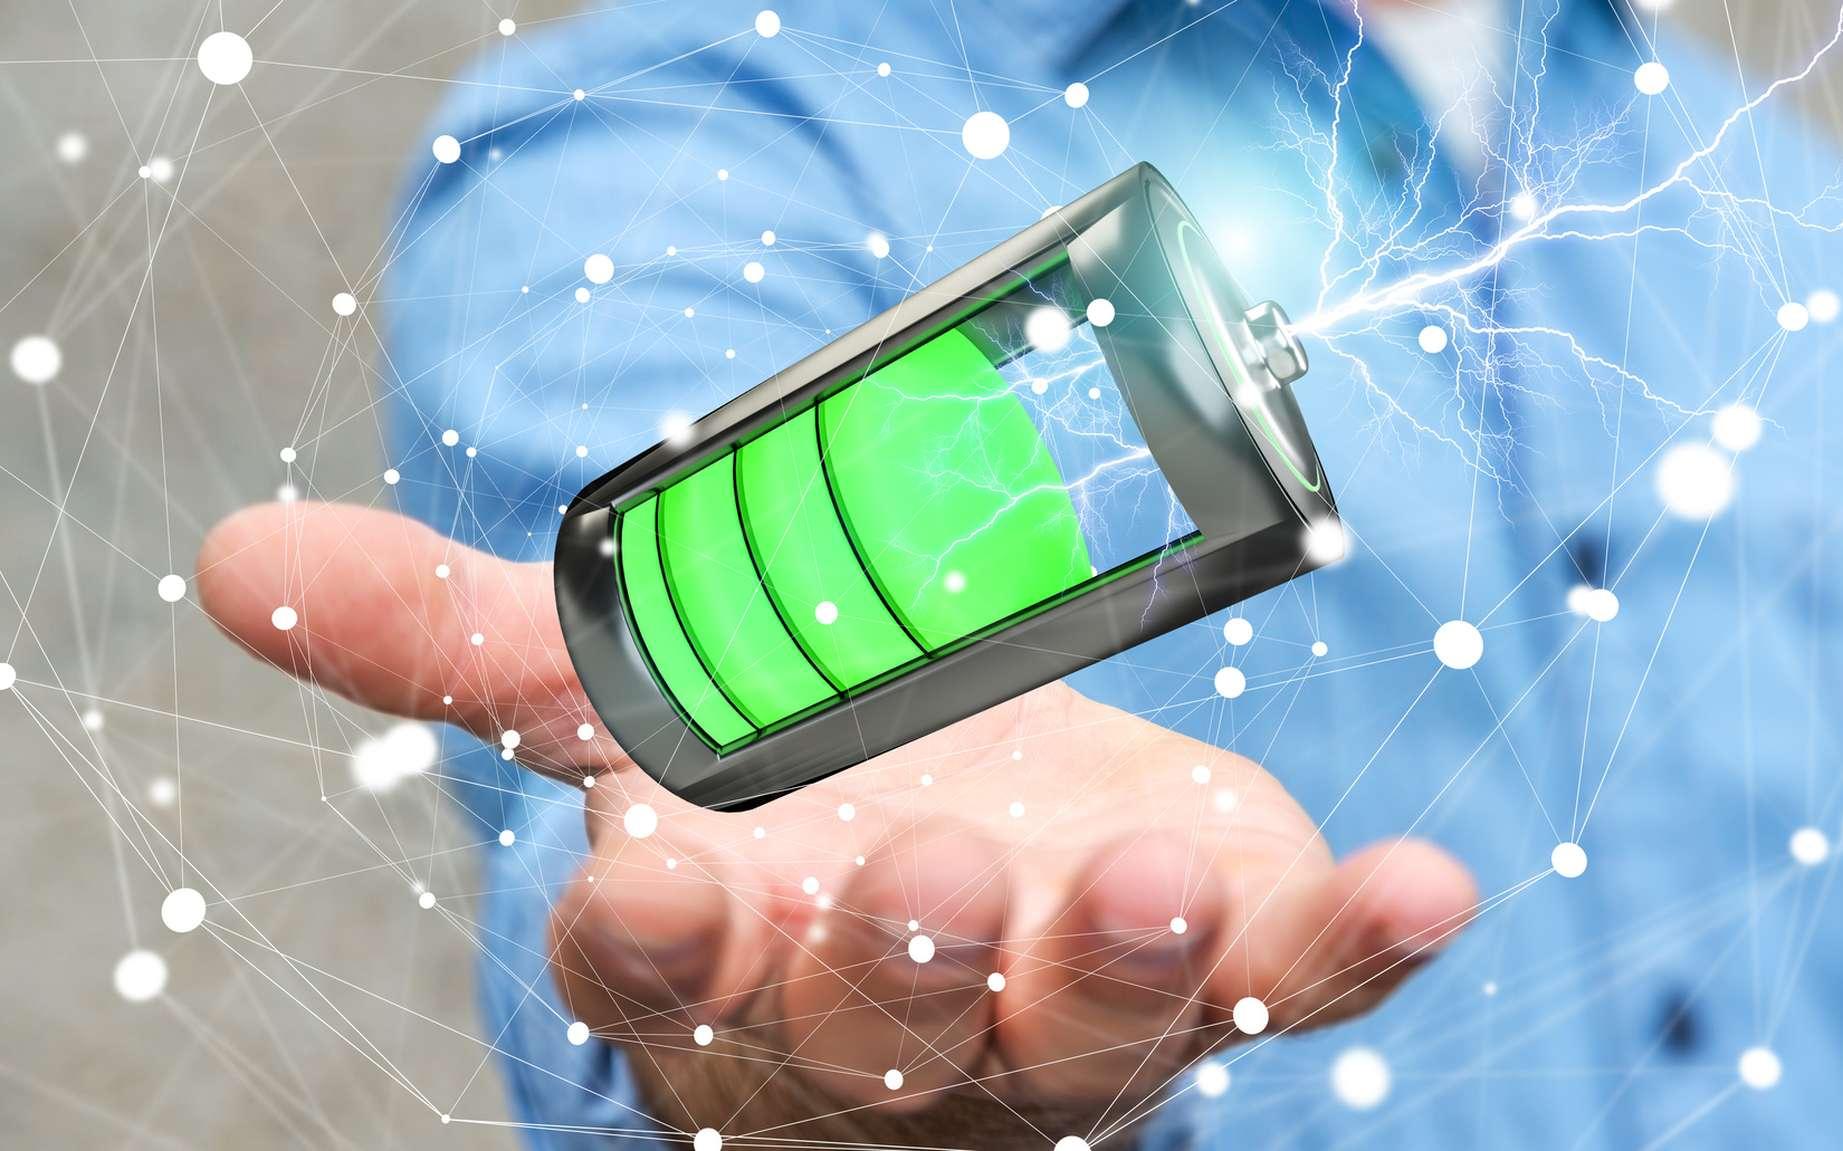 La première batterie en métal liquide qui peut fonctionner à température ambiante